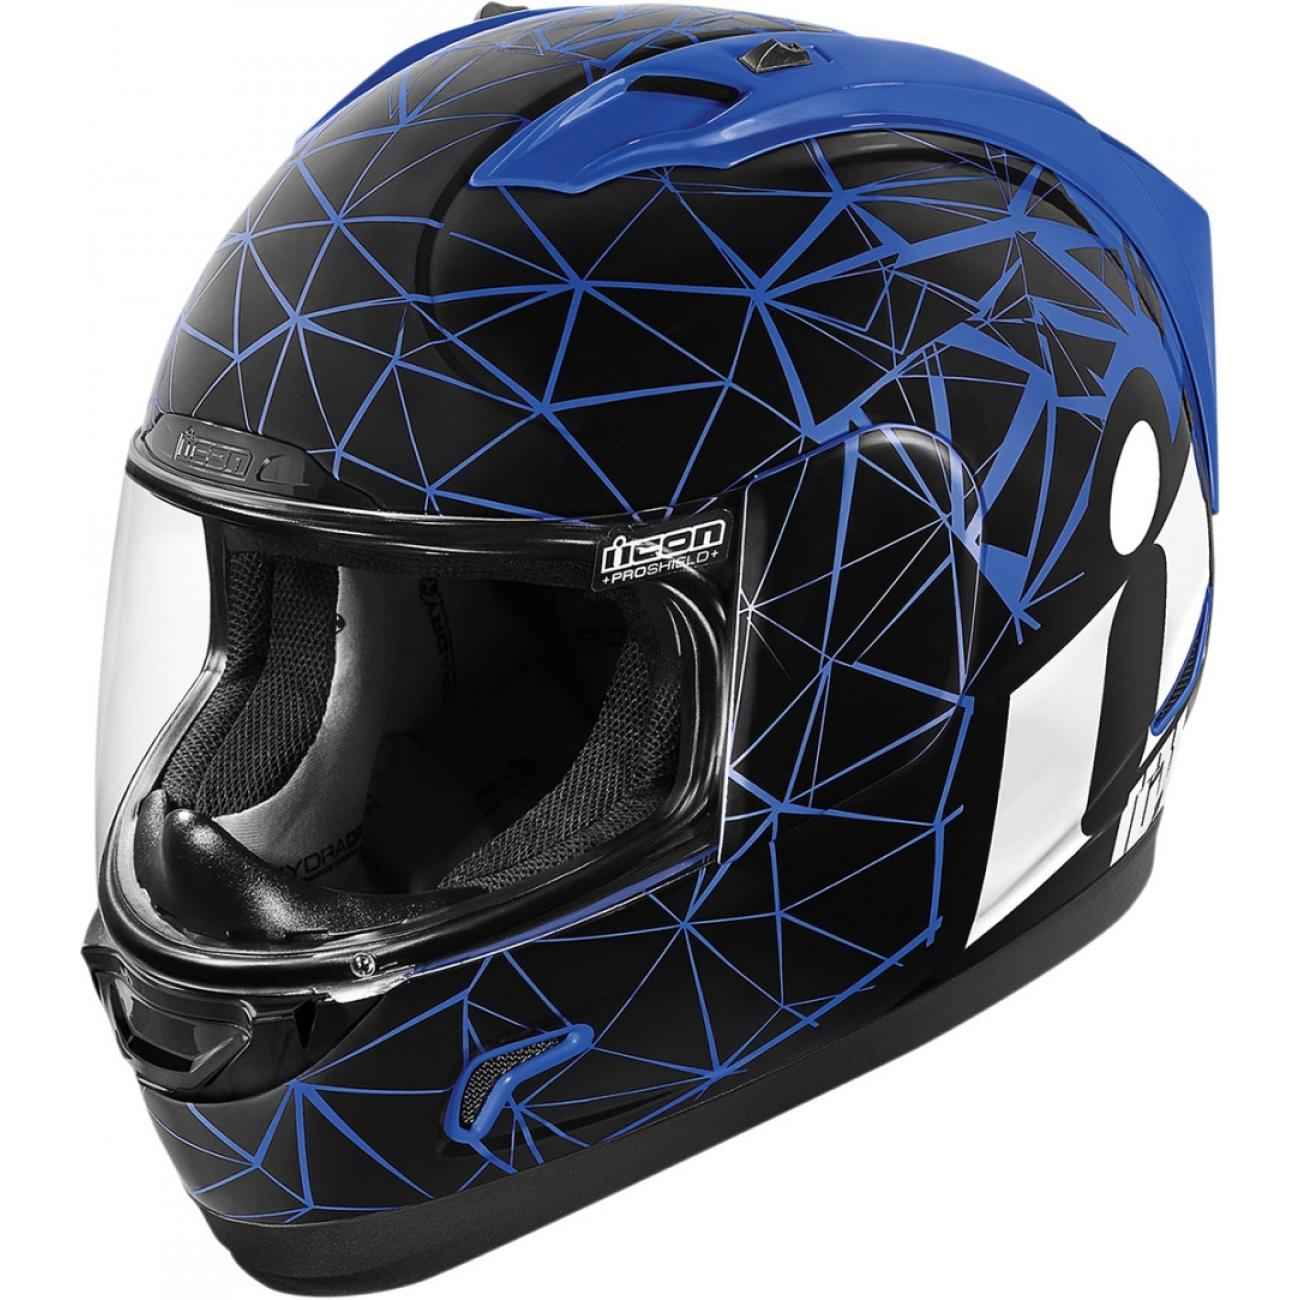 Шлем ICON ALLIANCE CRYSMATIC BLUE, размер XS